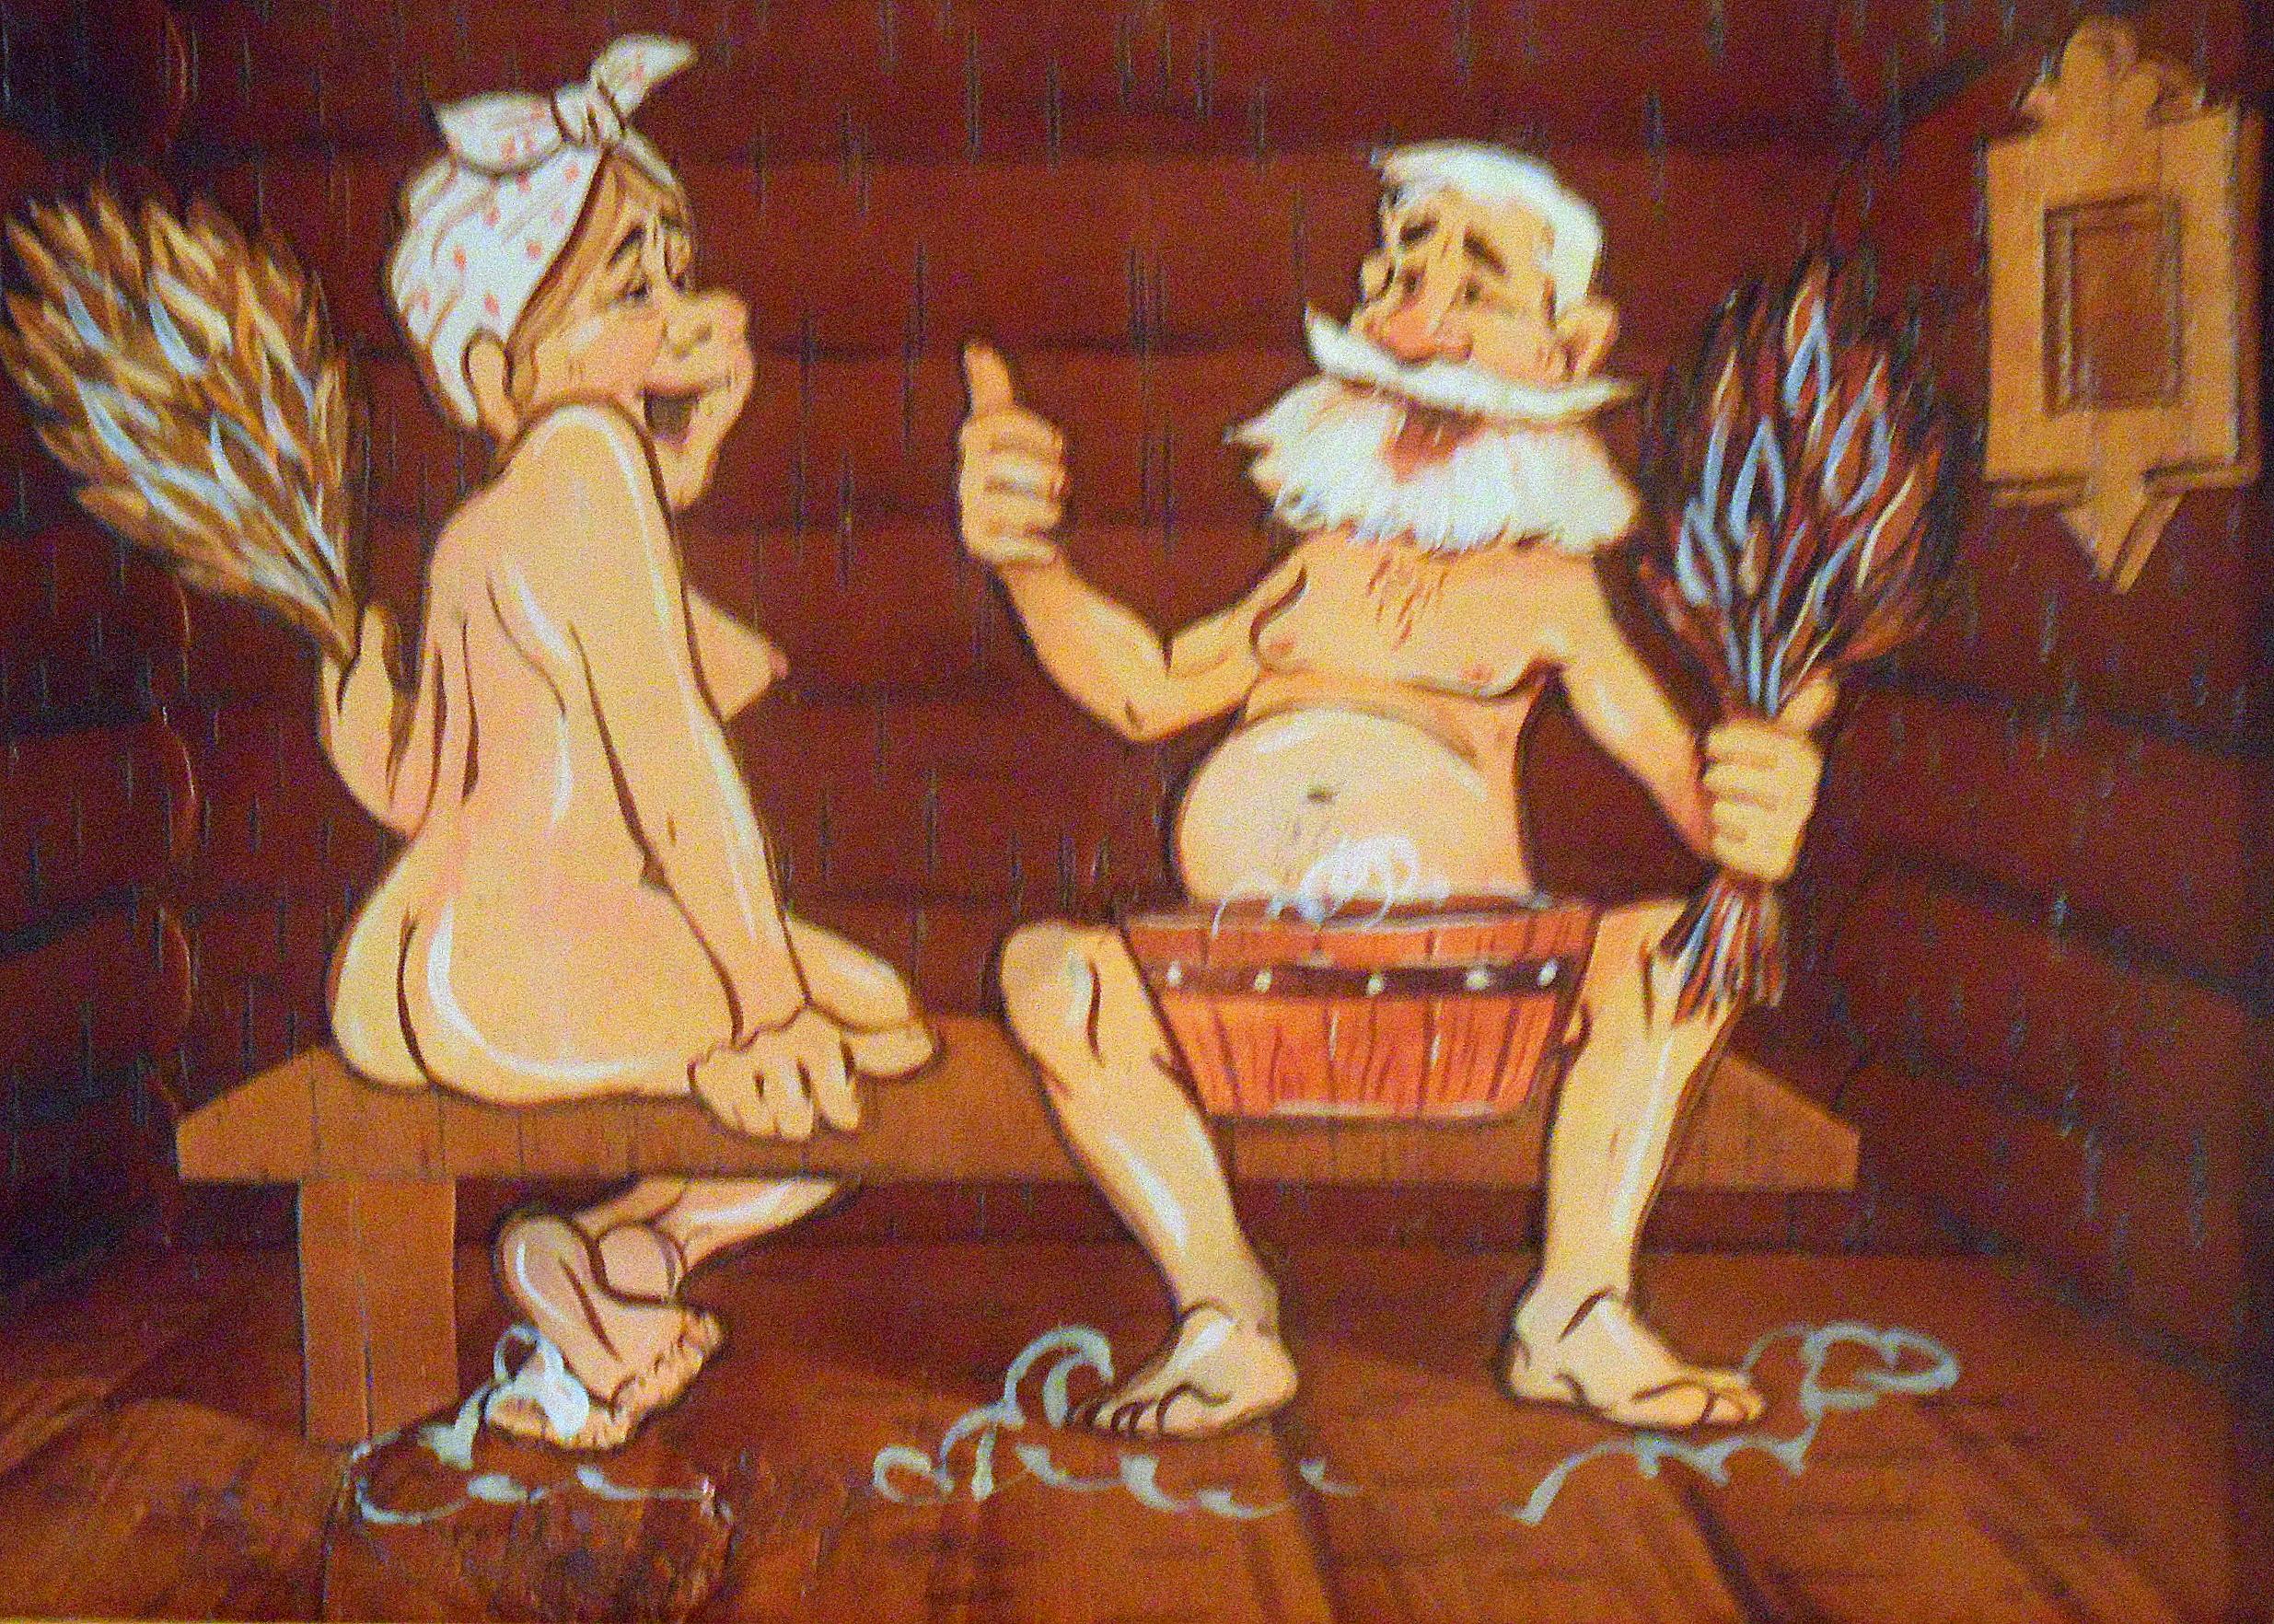 Смешные картинка про баню, шаблоны открытки открытки